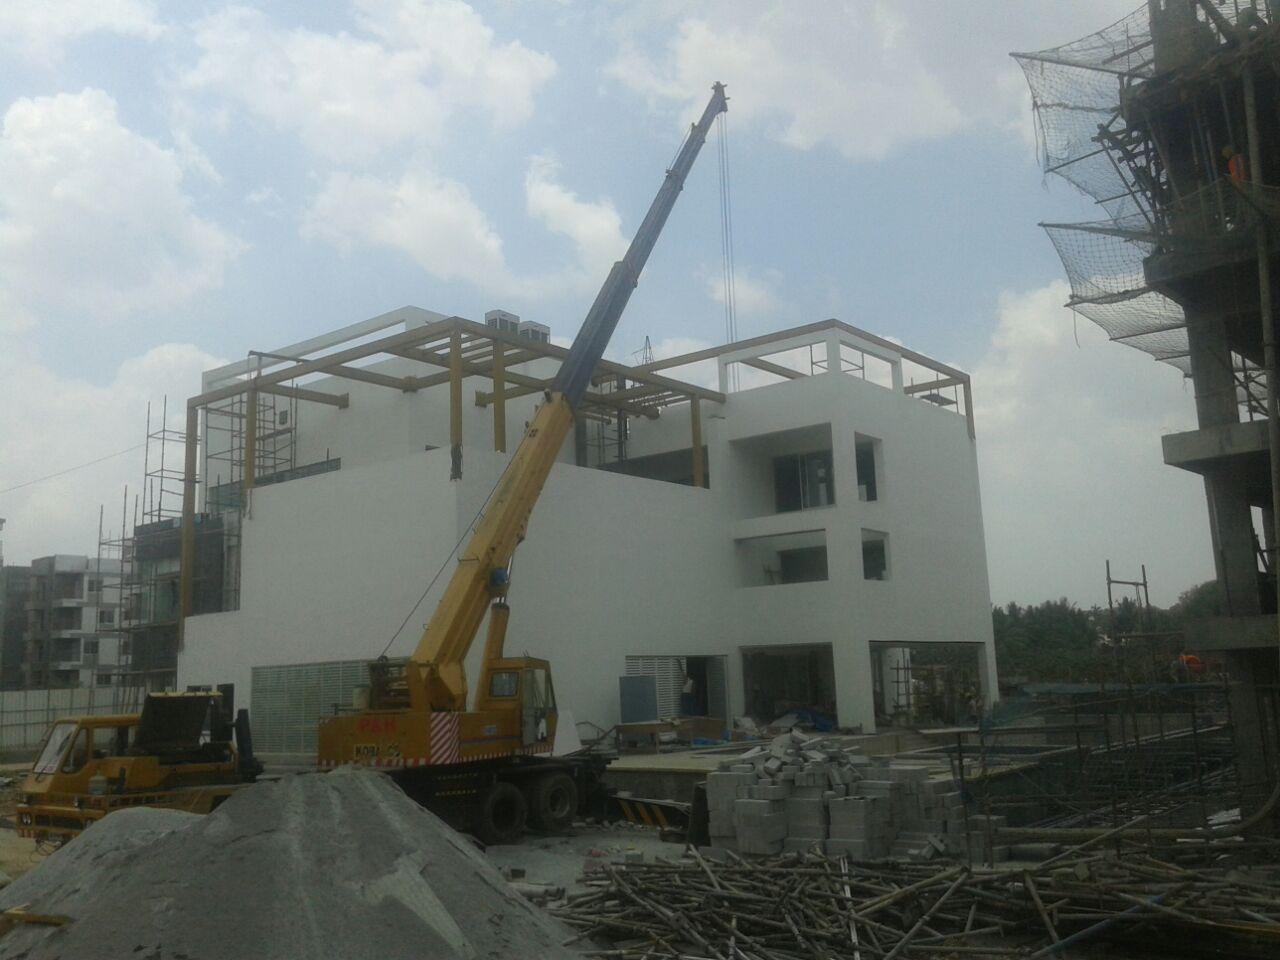 M R Crane Services